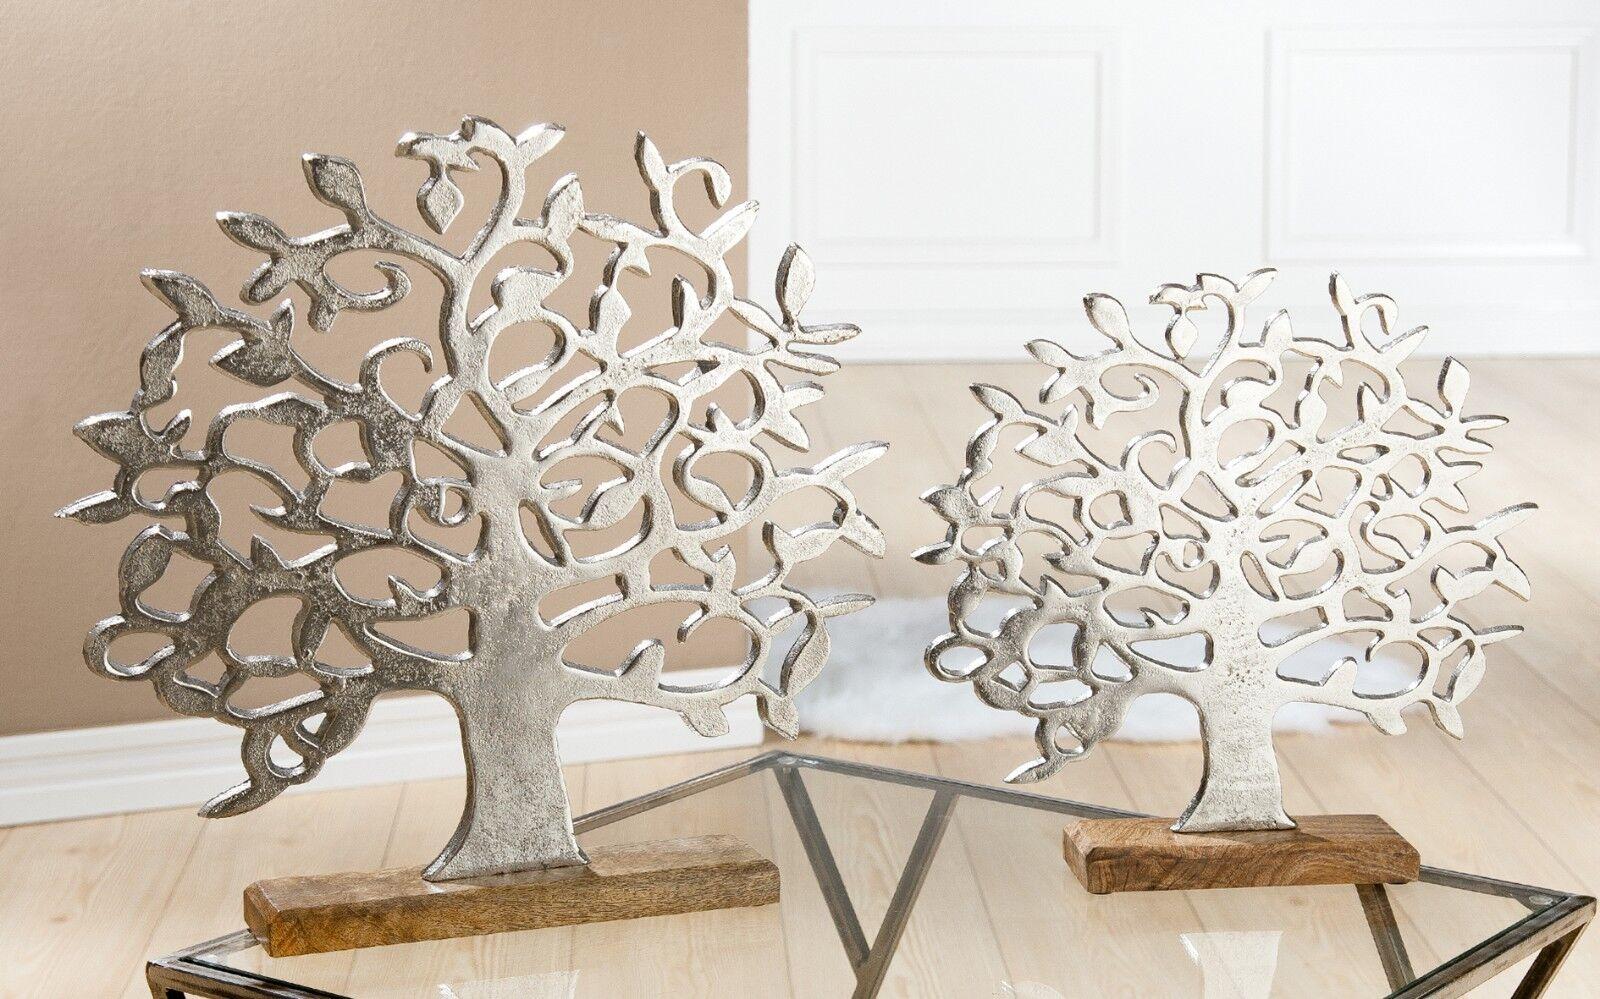 Árbol de la vida de plata en aluminio mangoholz decoración escultura viven figura 481883 decorativas